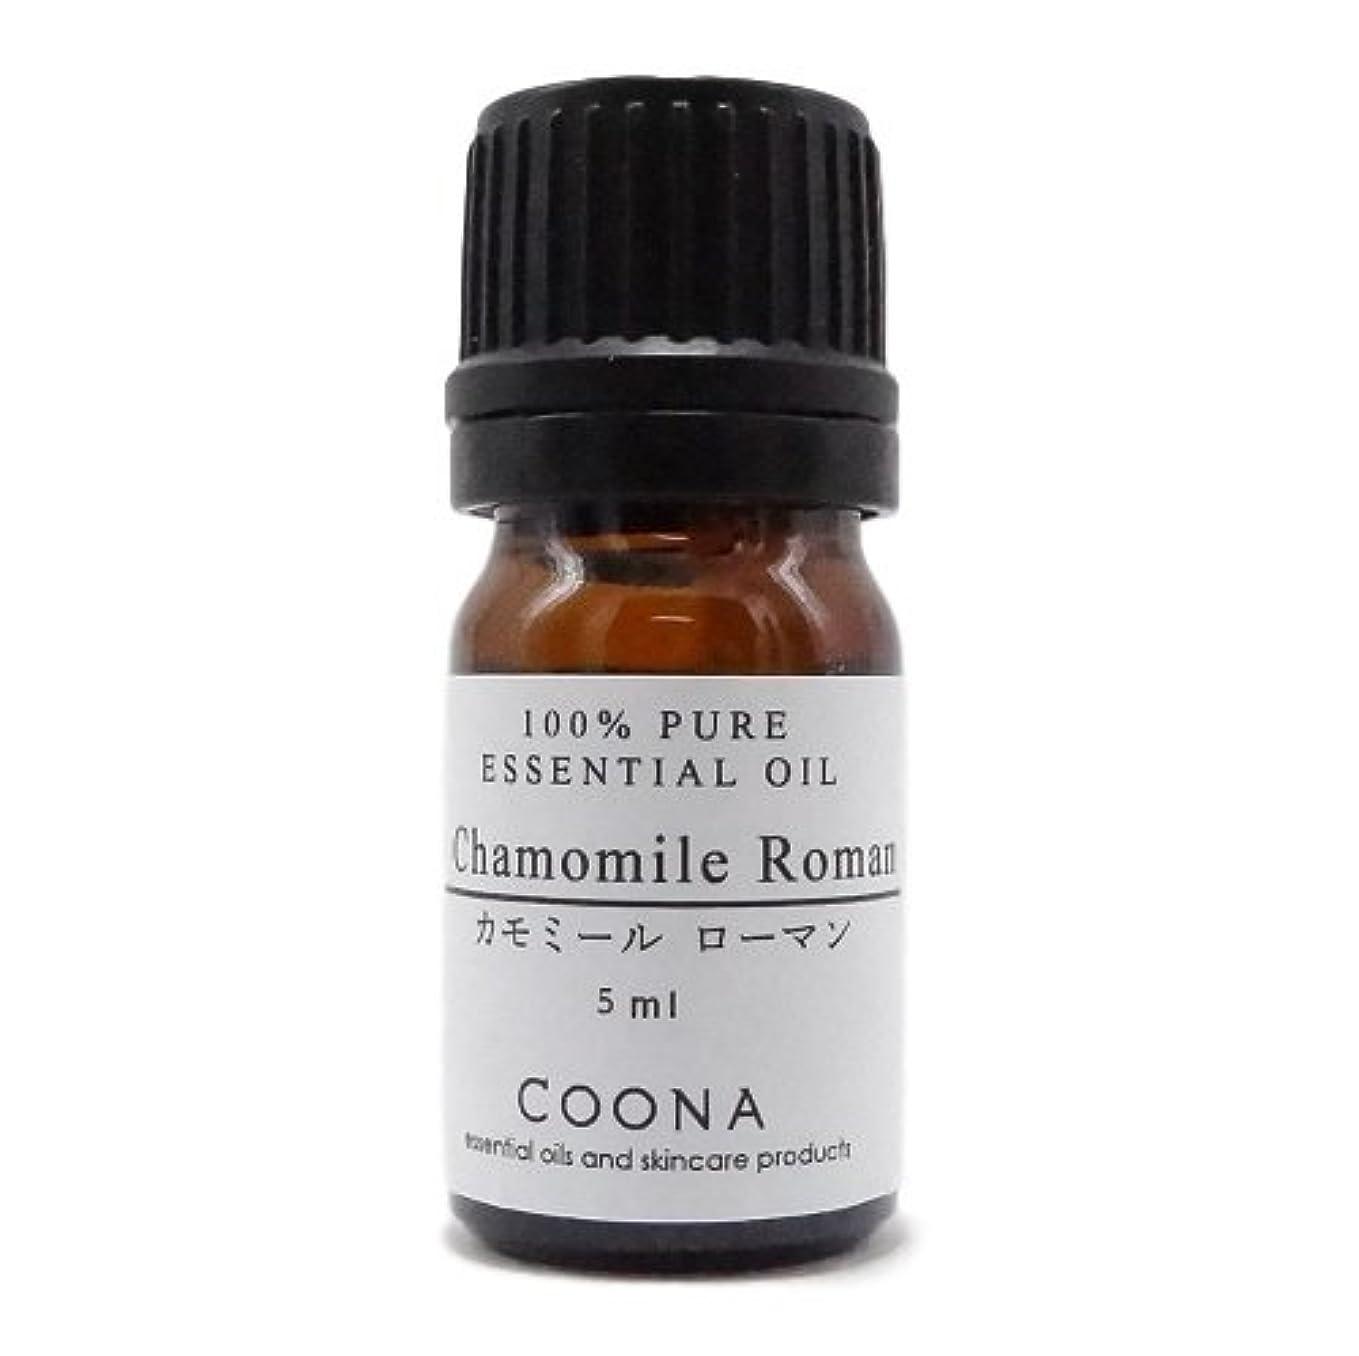 全部過敏な組み込むカモミール ローマン 5 ml (COONA エッセンシャルオイル アロマオイル 100%天然植物精油)